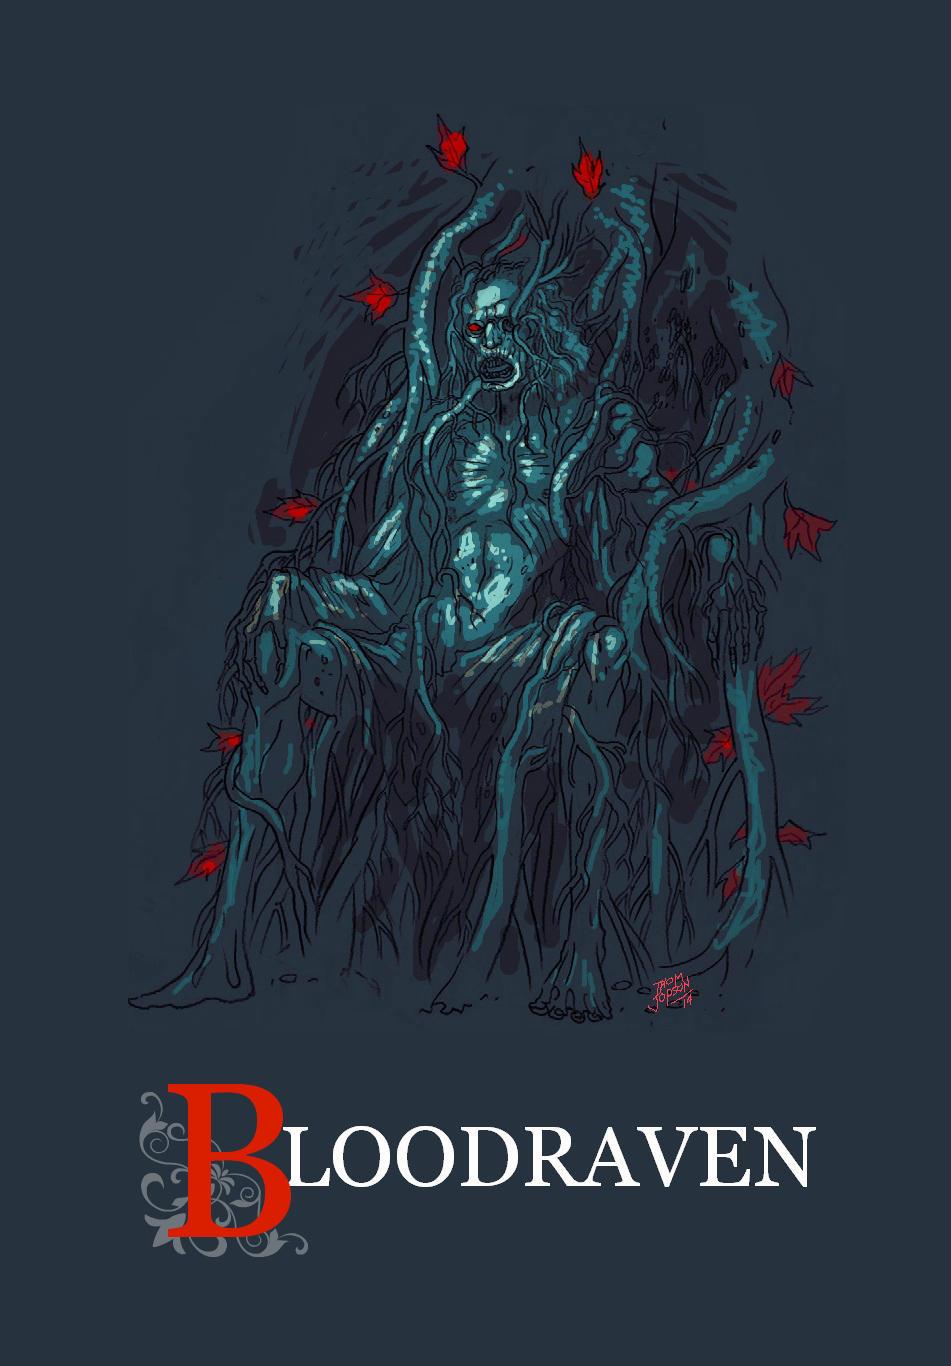 Bloodraven by MaslenJopson007916